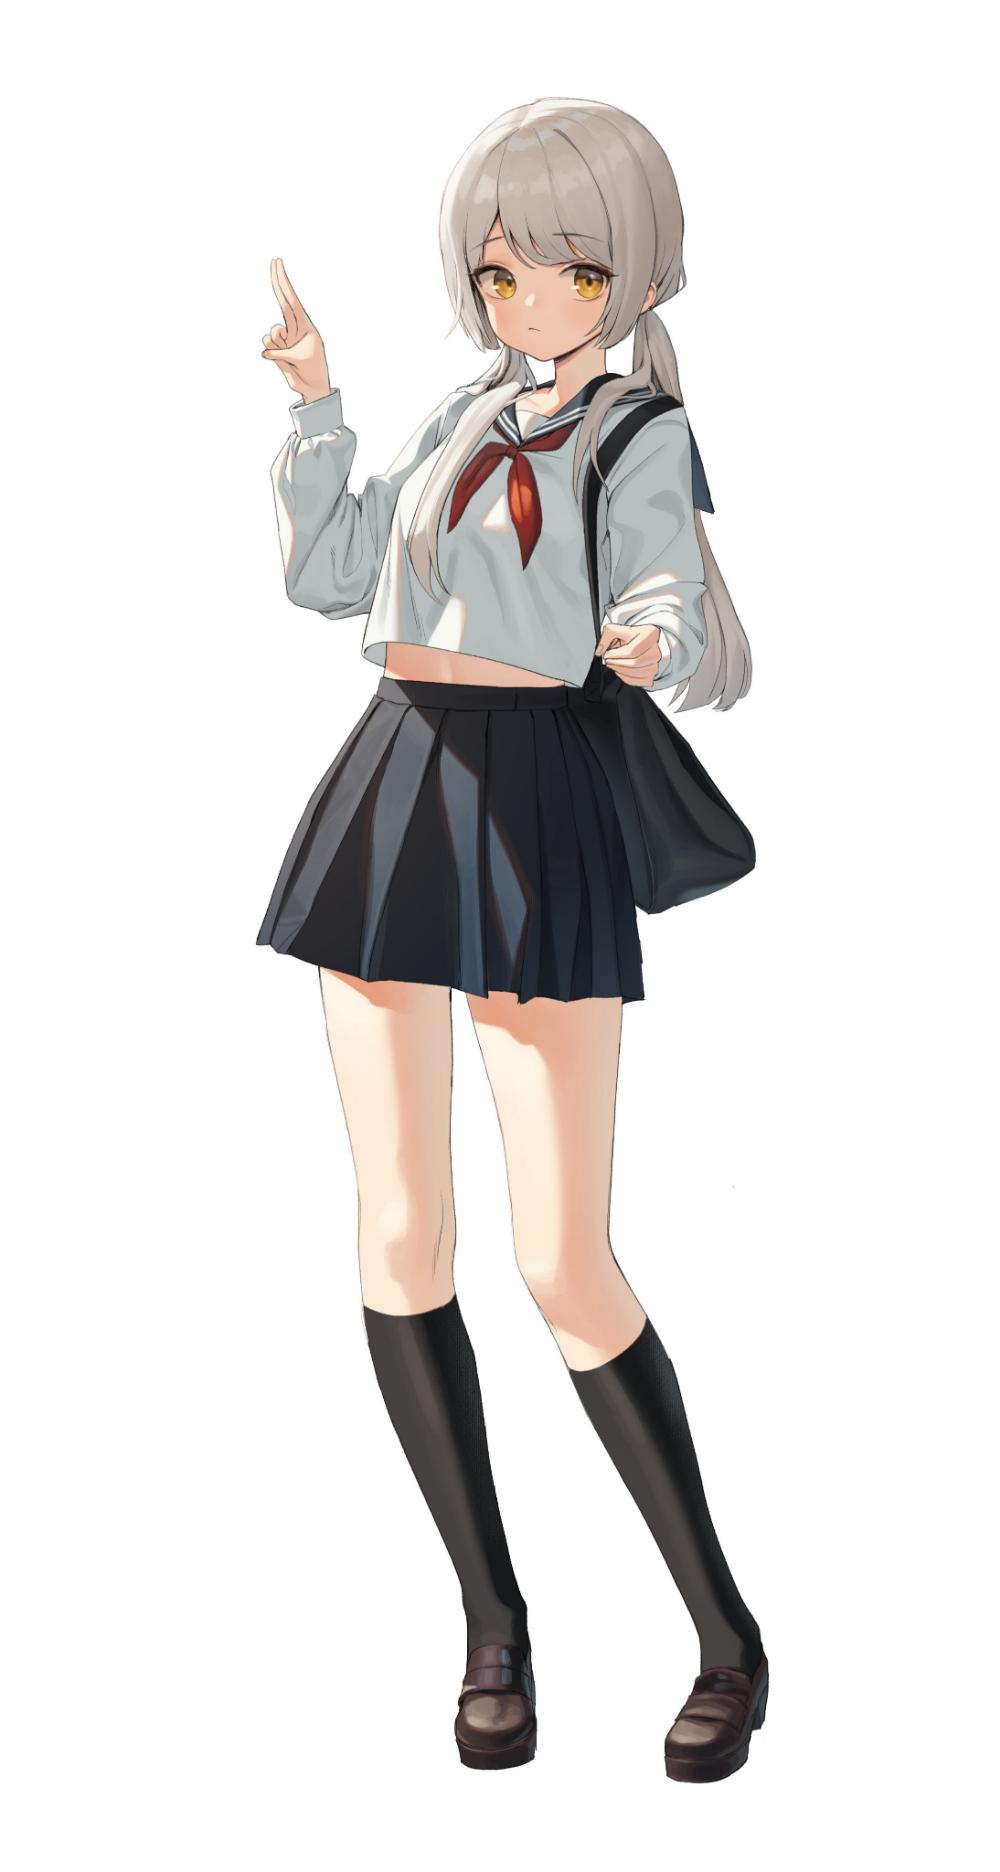 Xixeong On Twitter Anime School Girl Anime Character Design Manga Girl